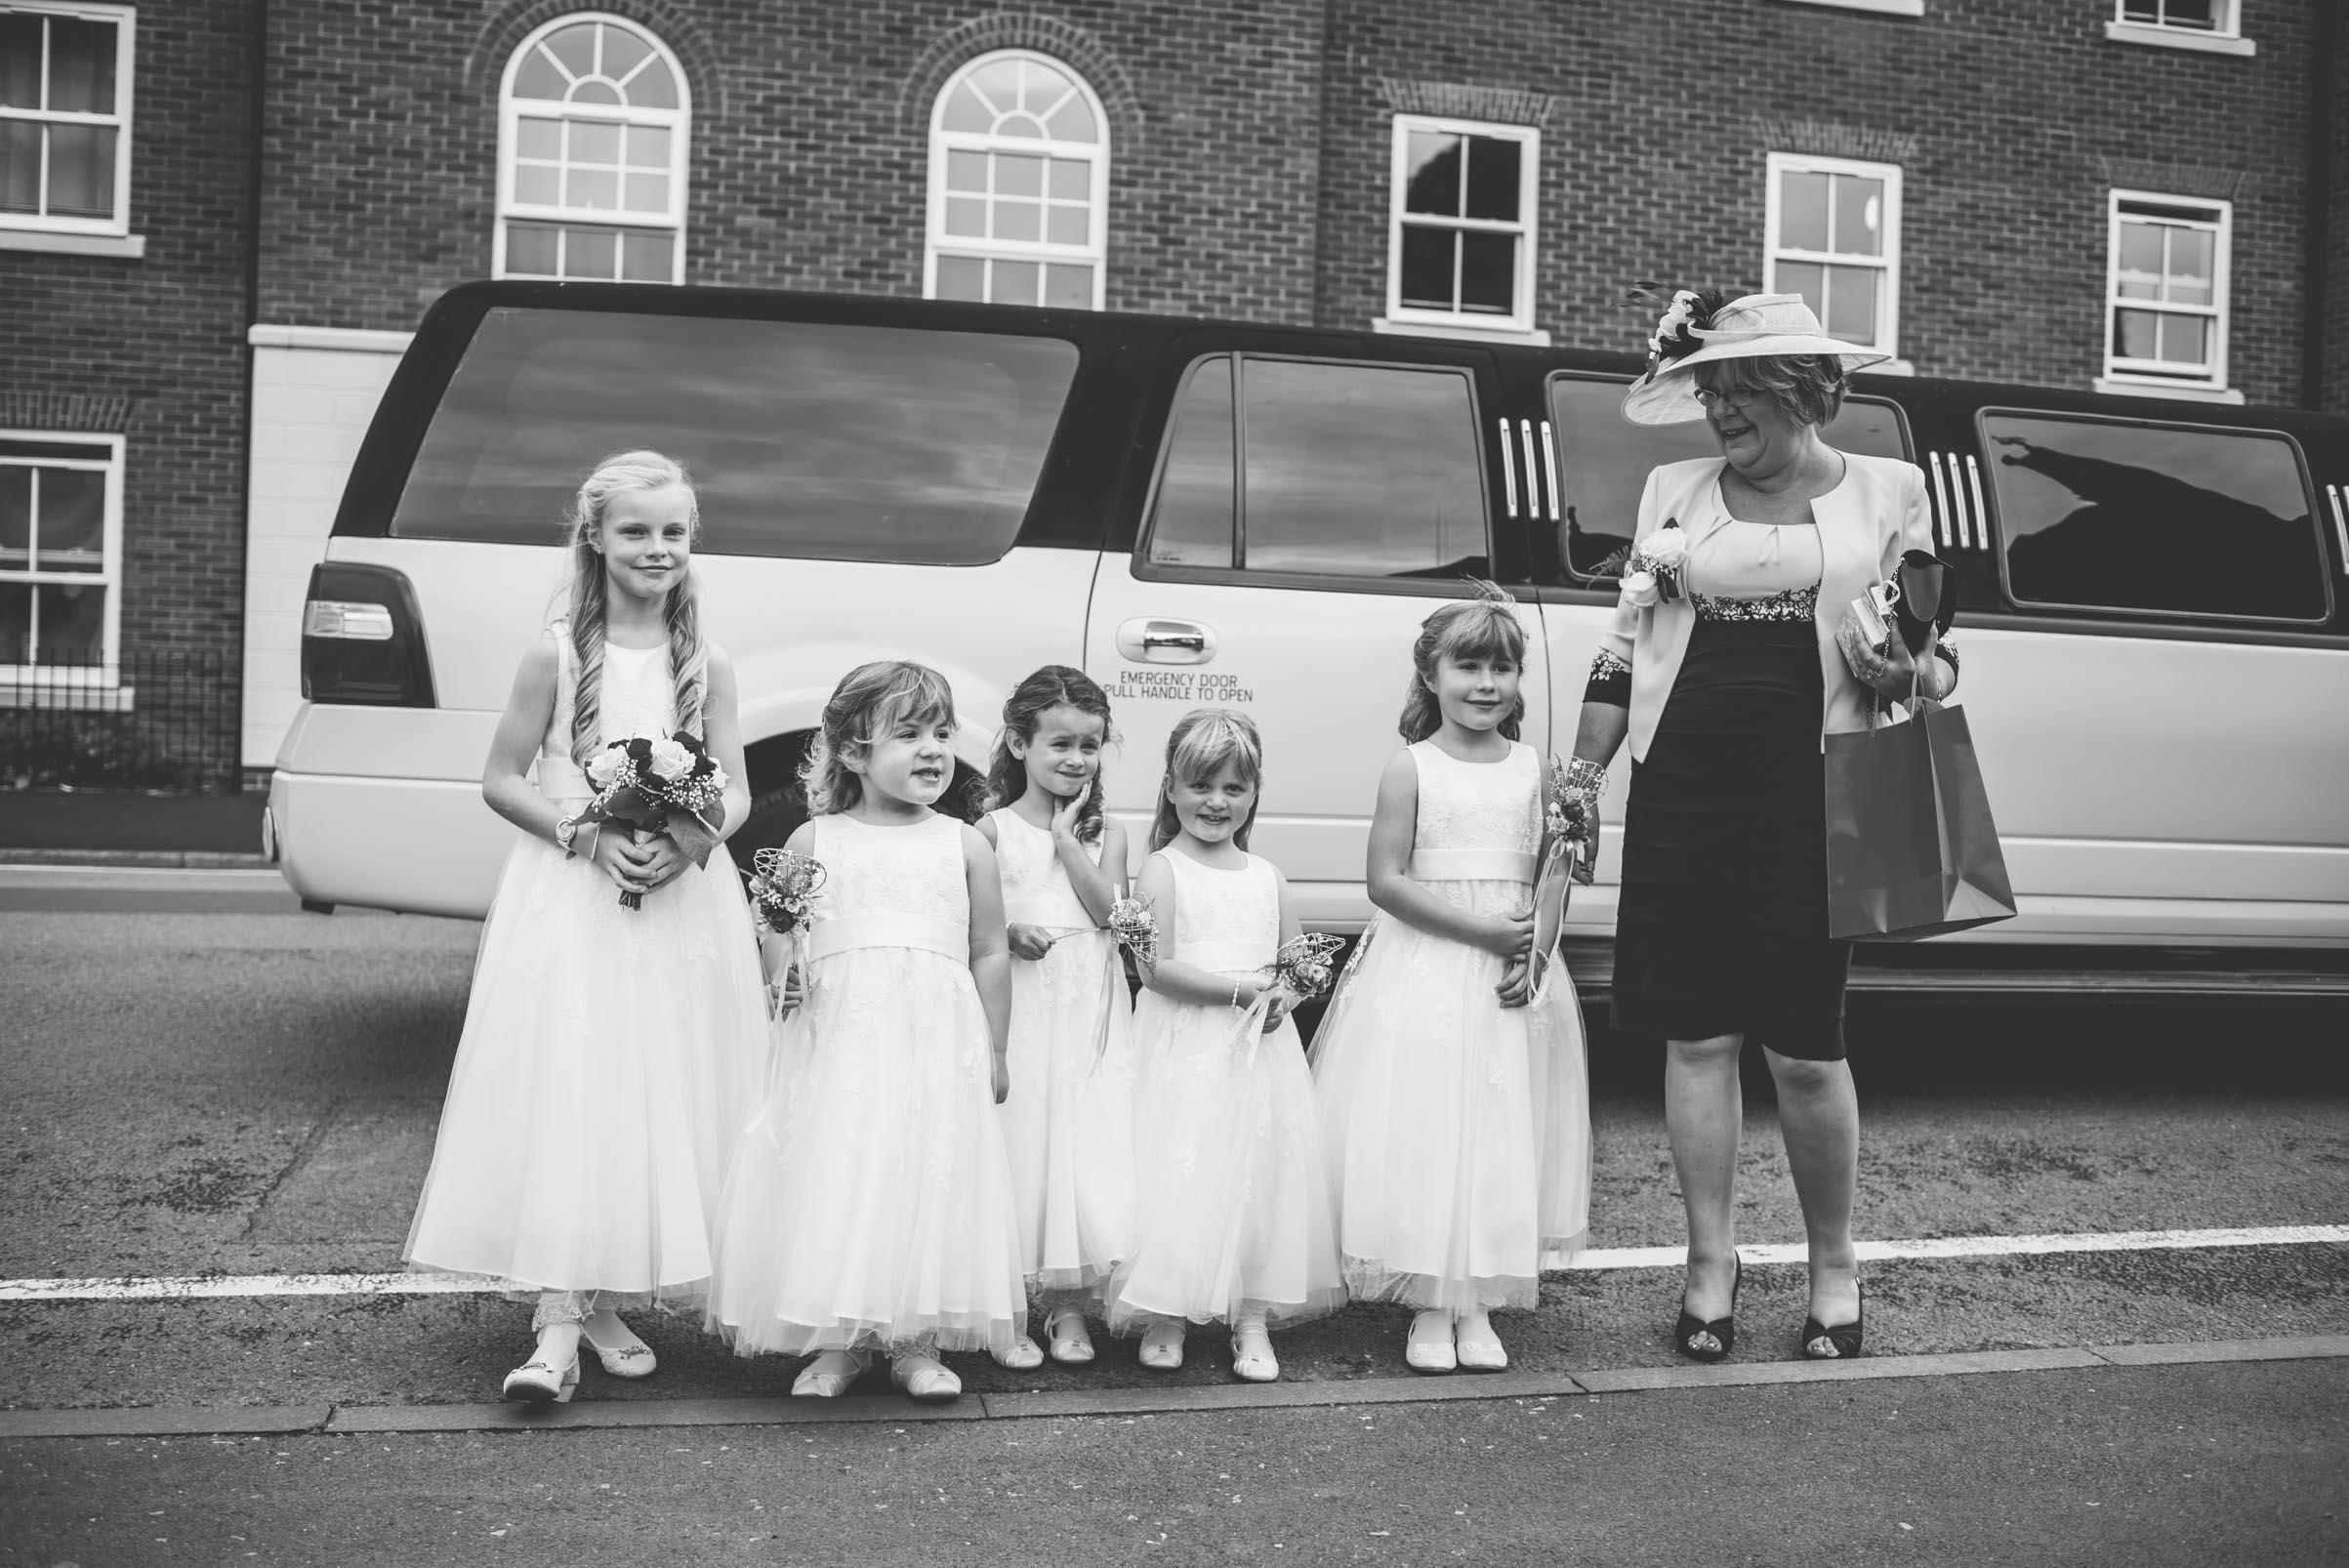 Farm-wedding-staffordshire-st-marys-catholic-church-uttoxter-15.jpg